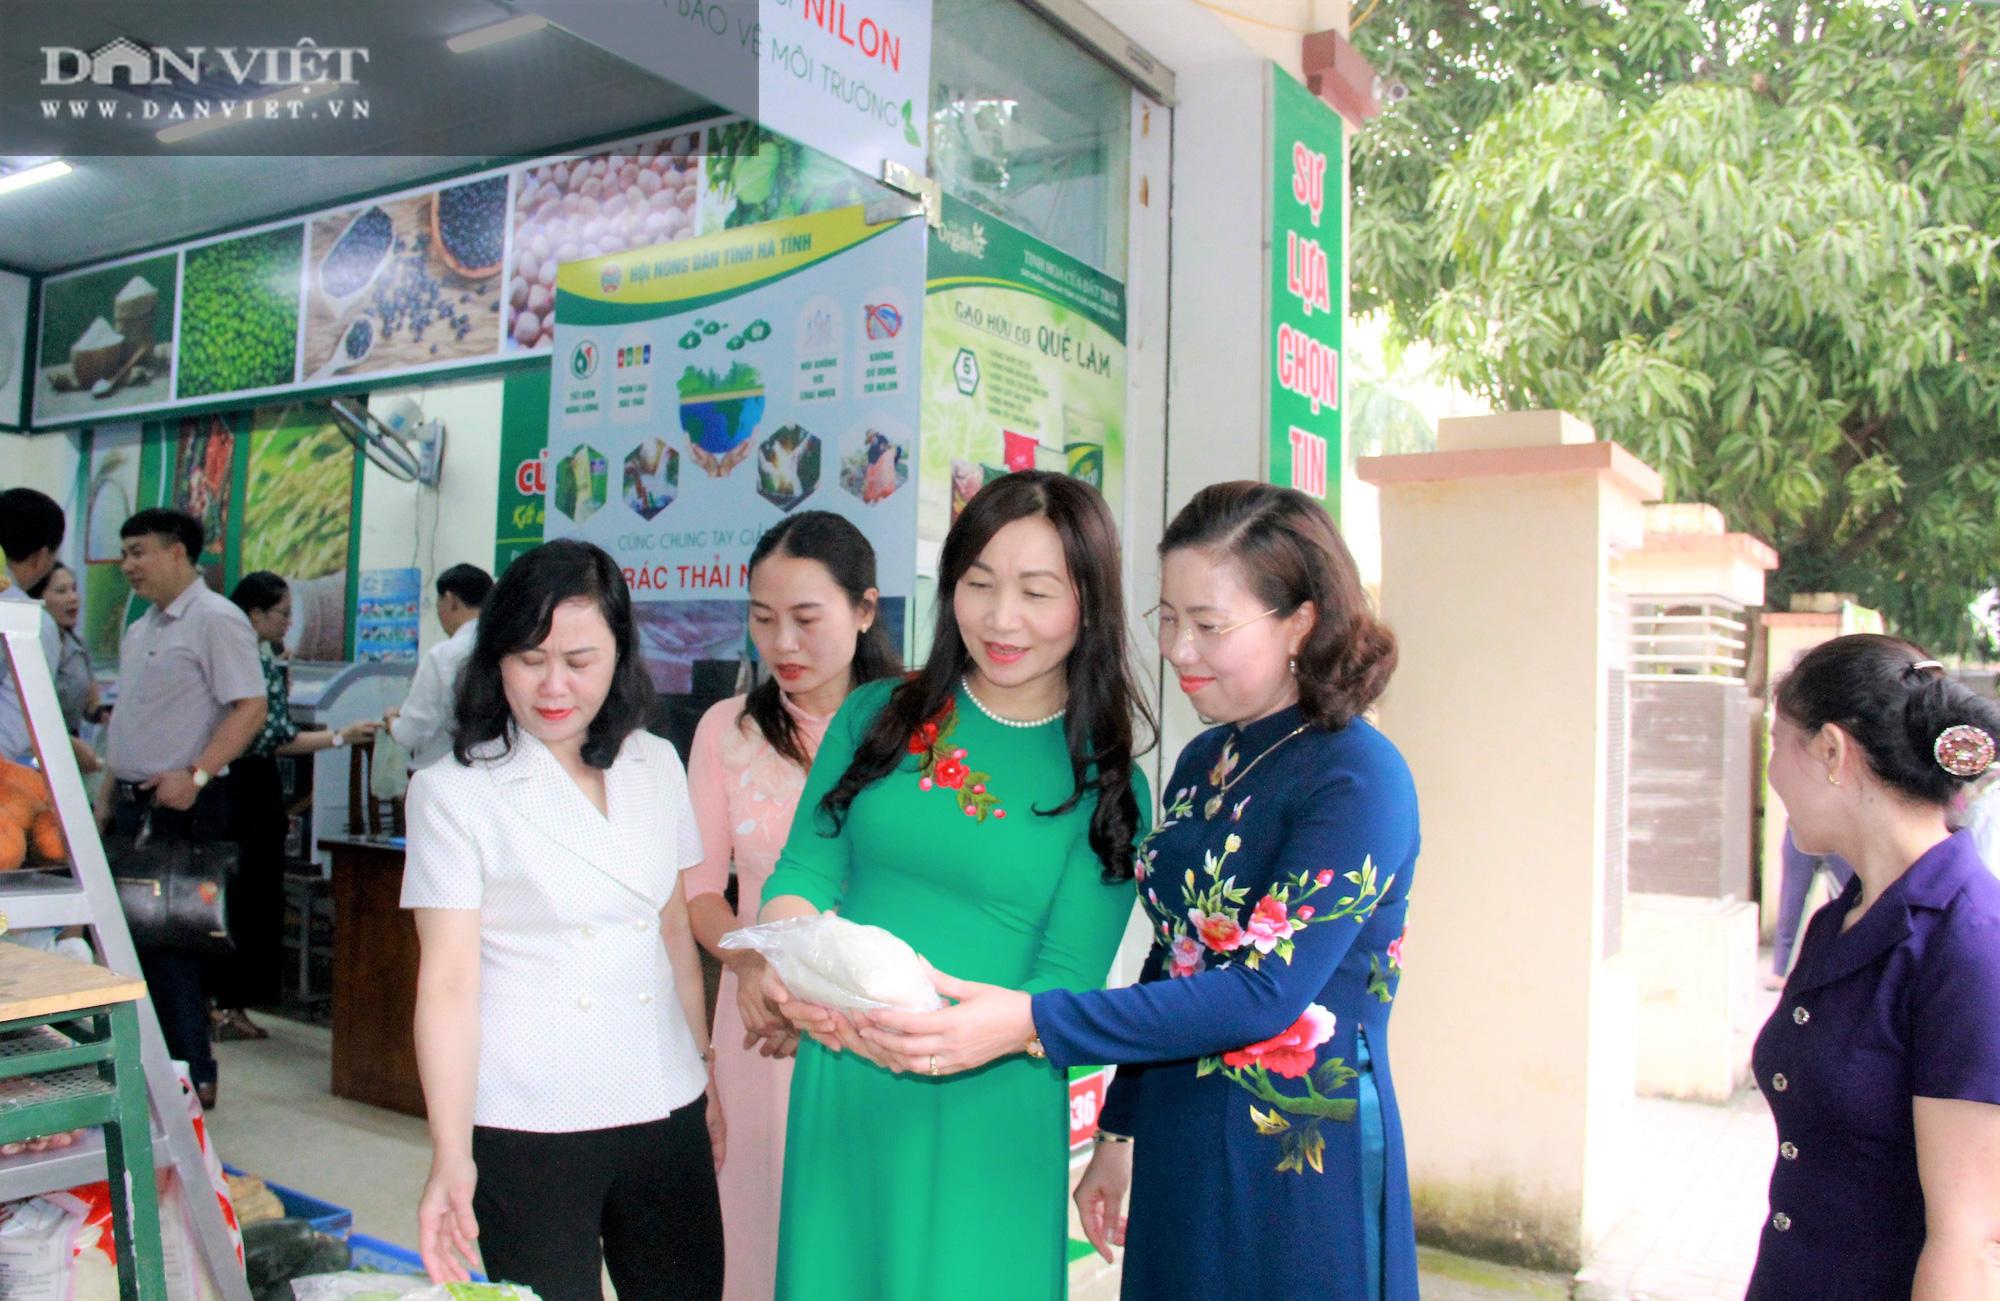 """Hội Nông dân Hà Tĩnh phát động phong trào """"Chống rác thải nhựa"""" - Ảnh 4."""